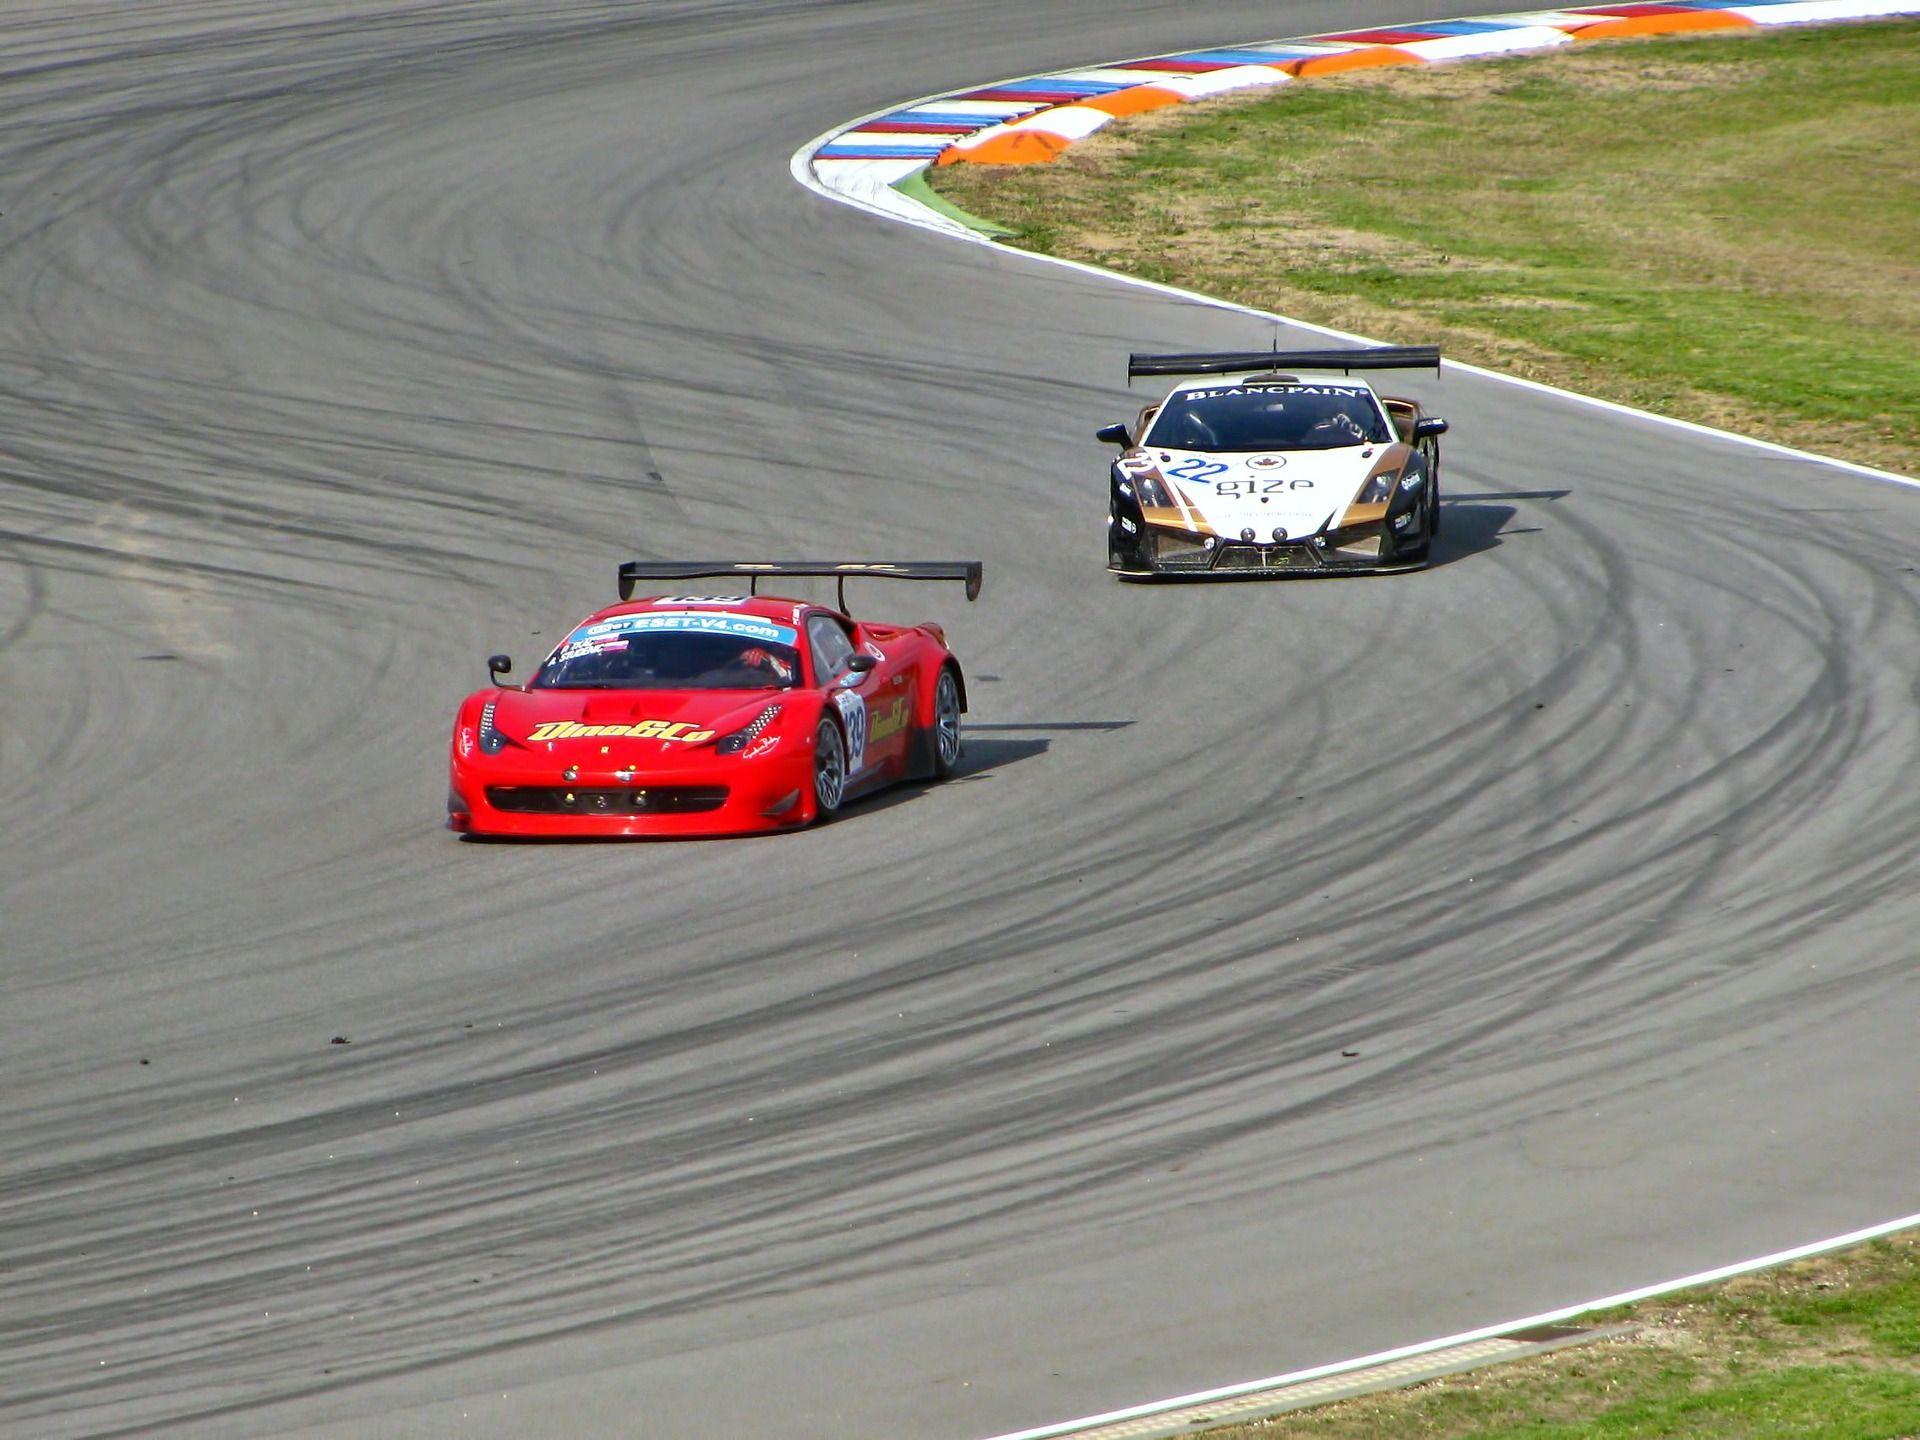 Guida una Ferrari su pista con Smartbox Ferrari, Auto e